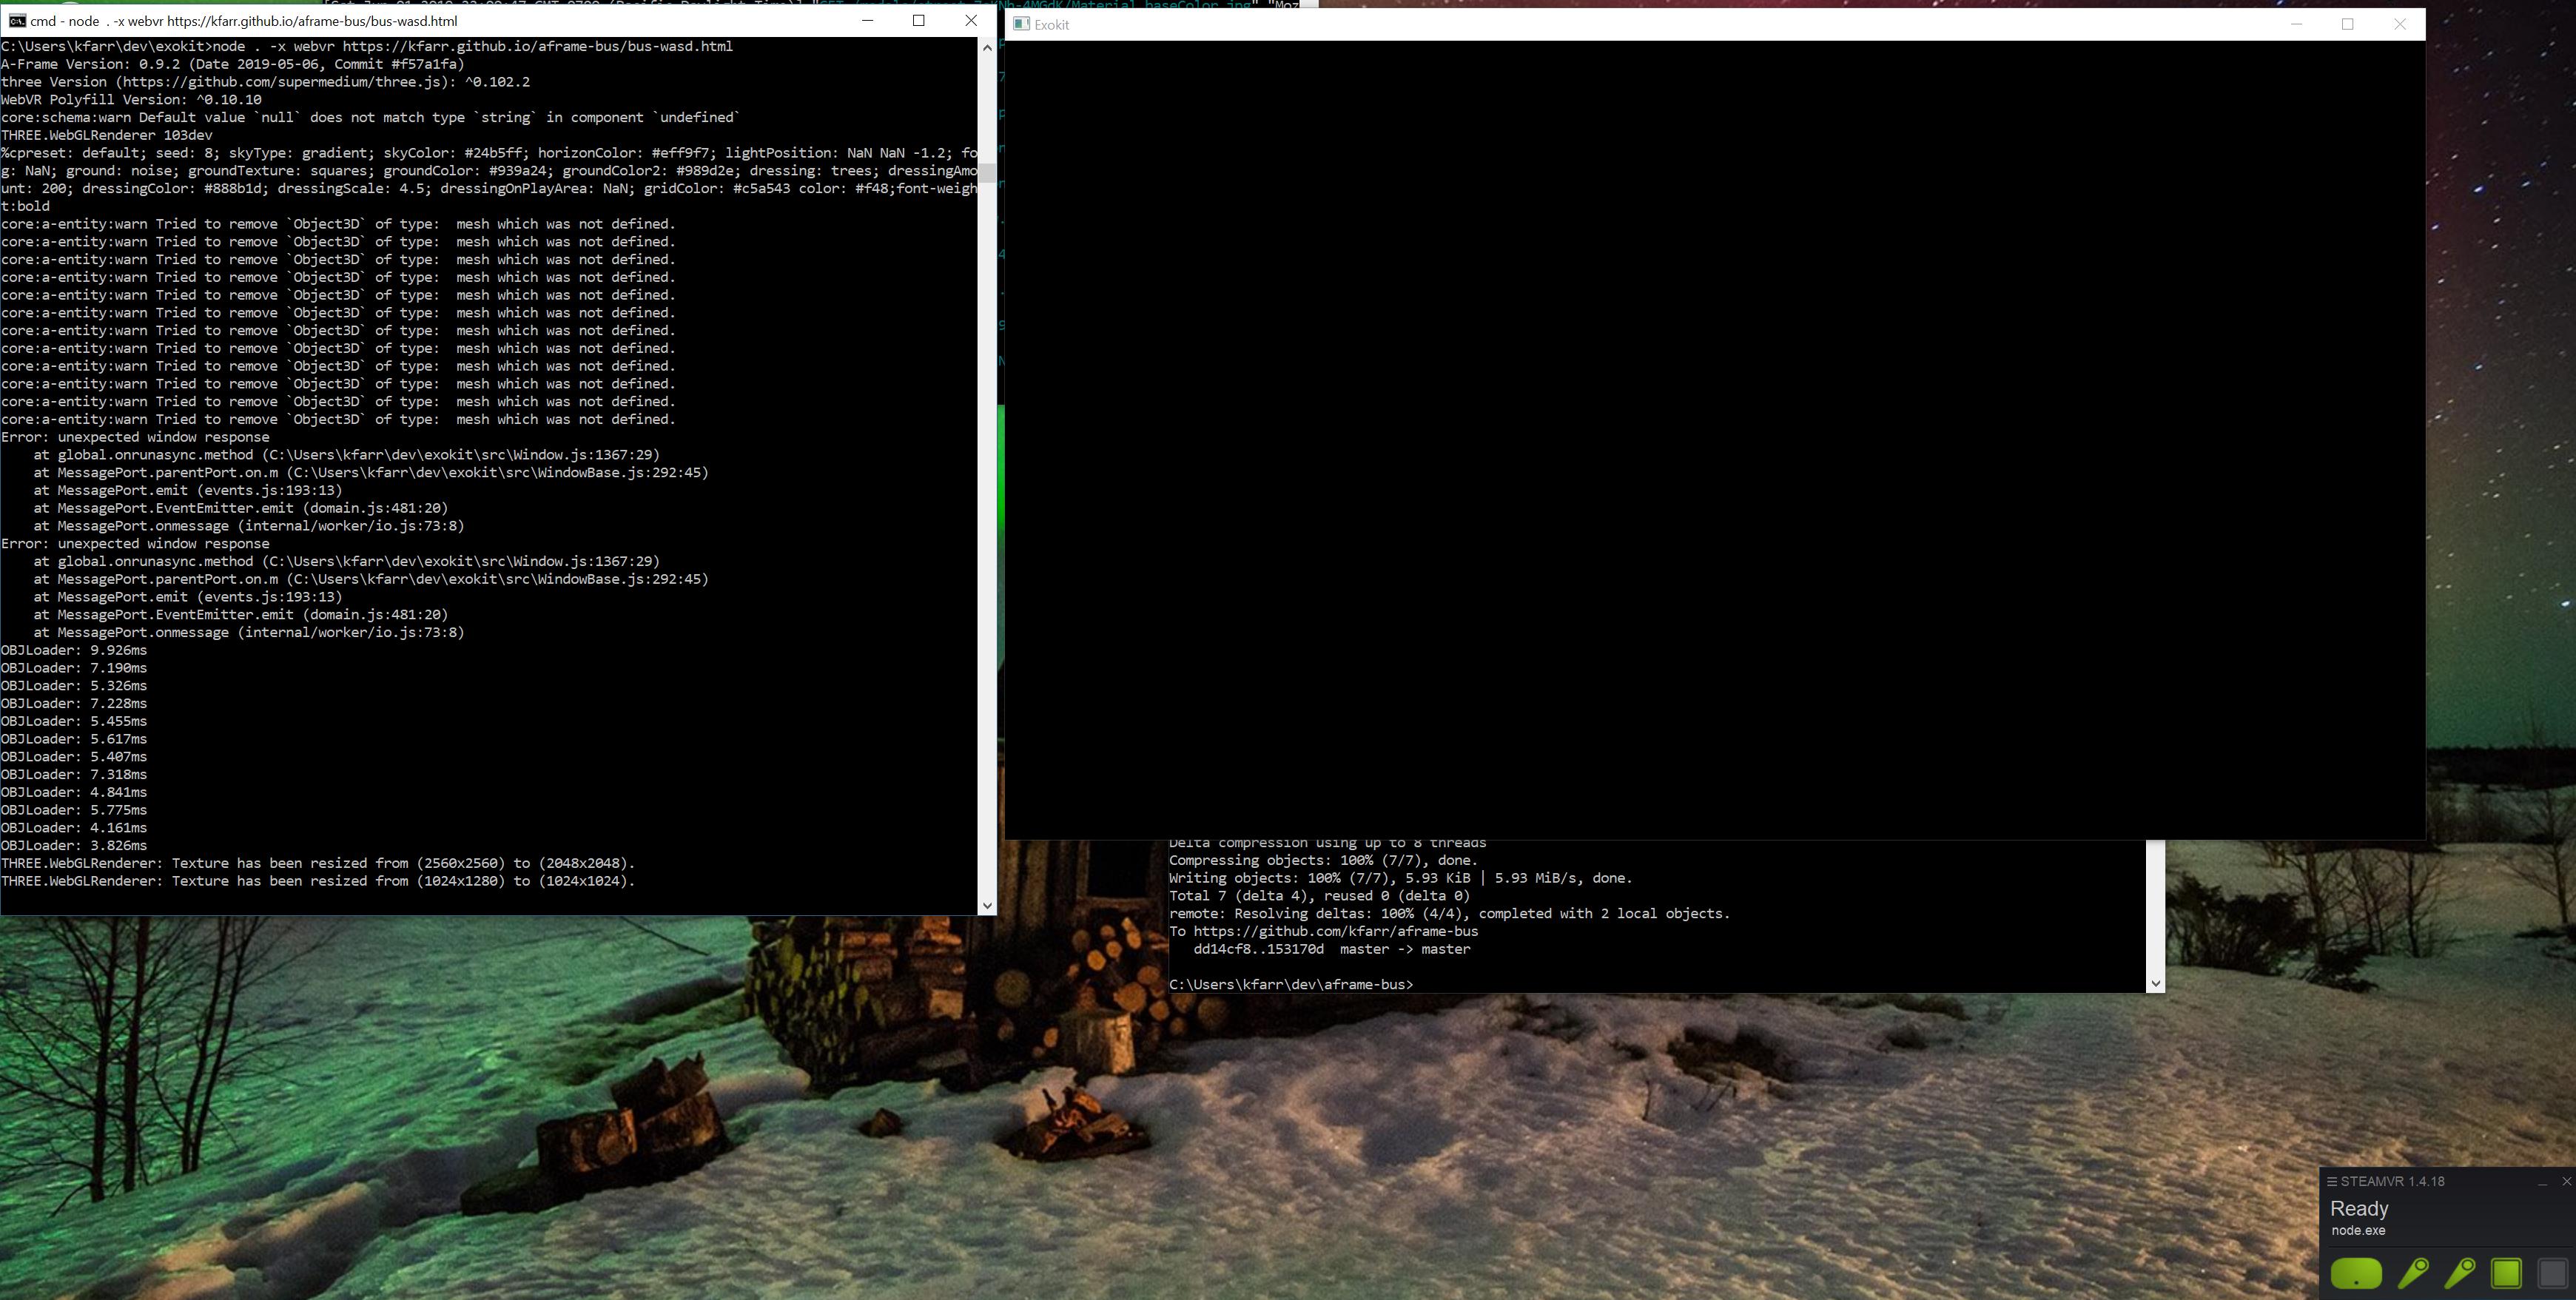 exokit-Screenshot (45)